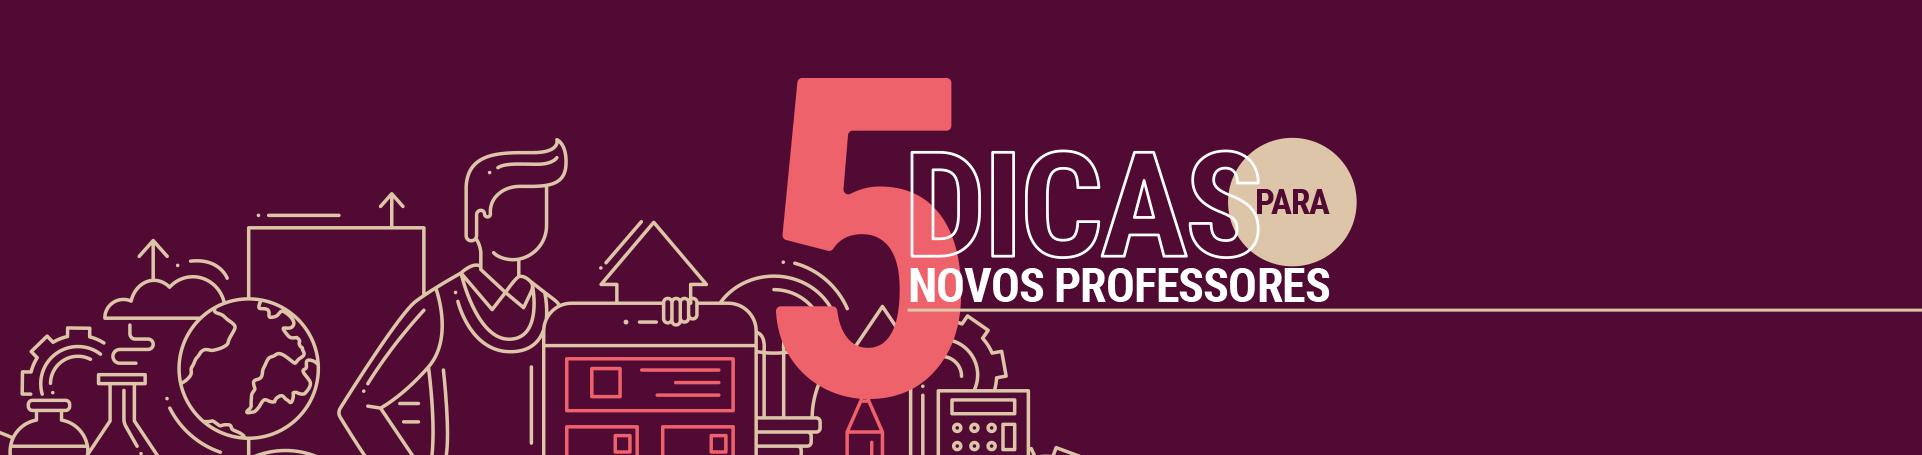 5  dicas para novos professores